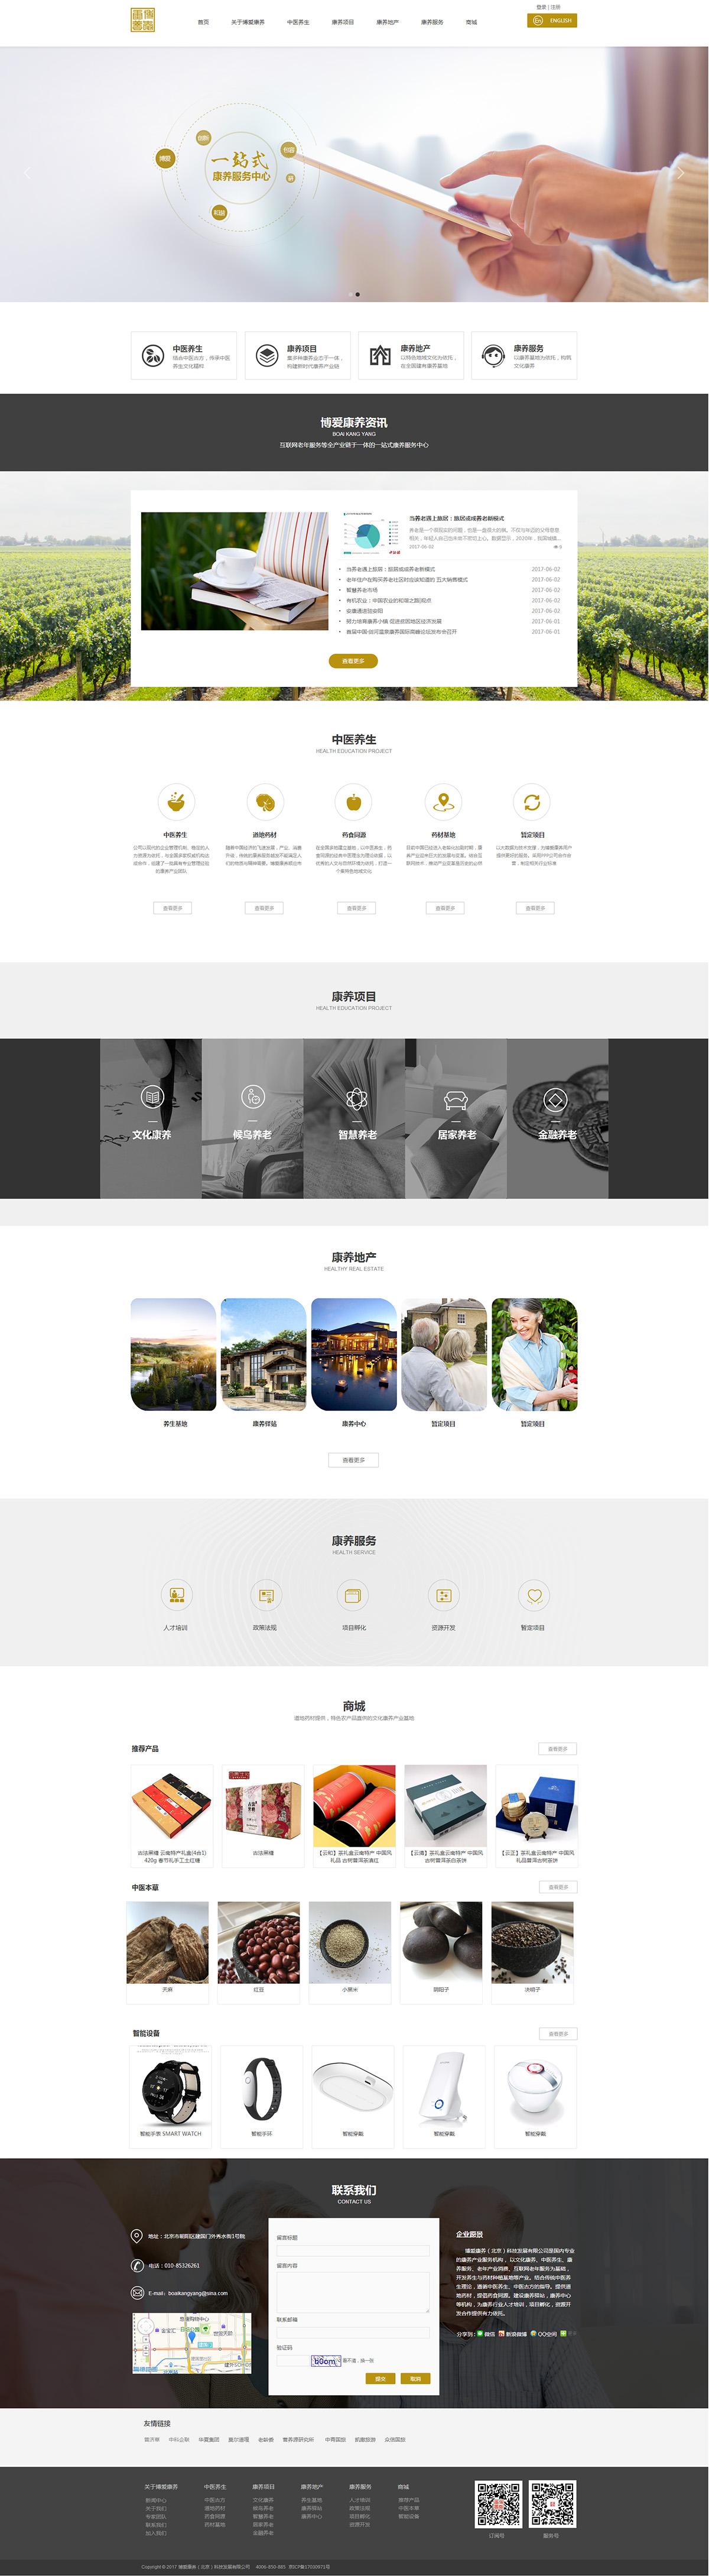 博爱康养(北京)科技发展有限公司_首页